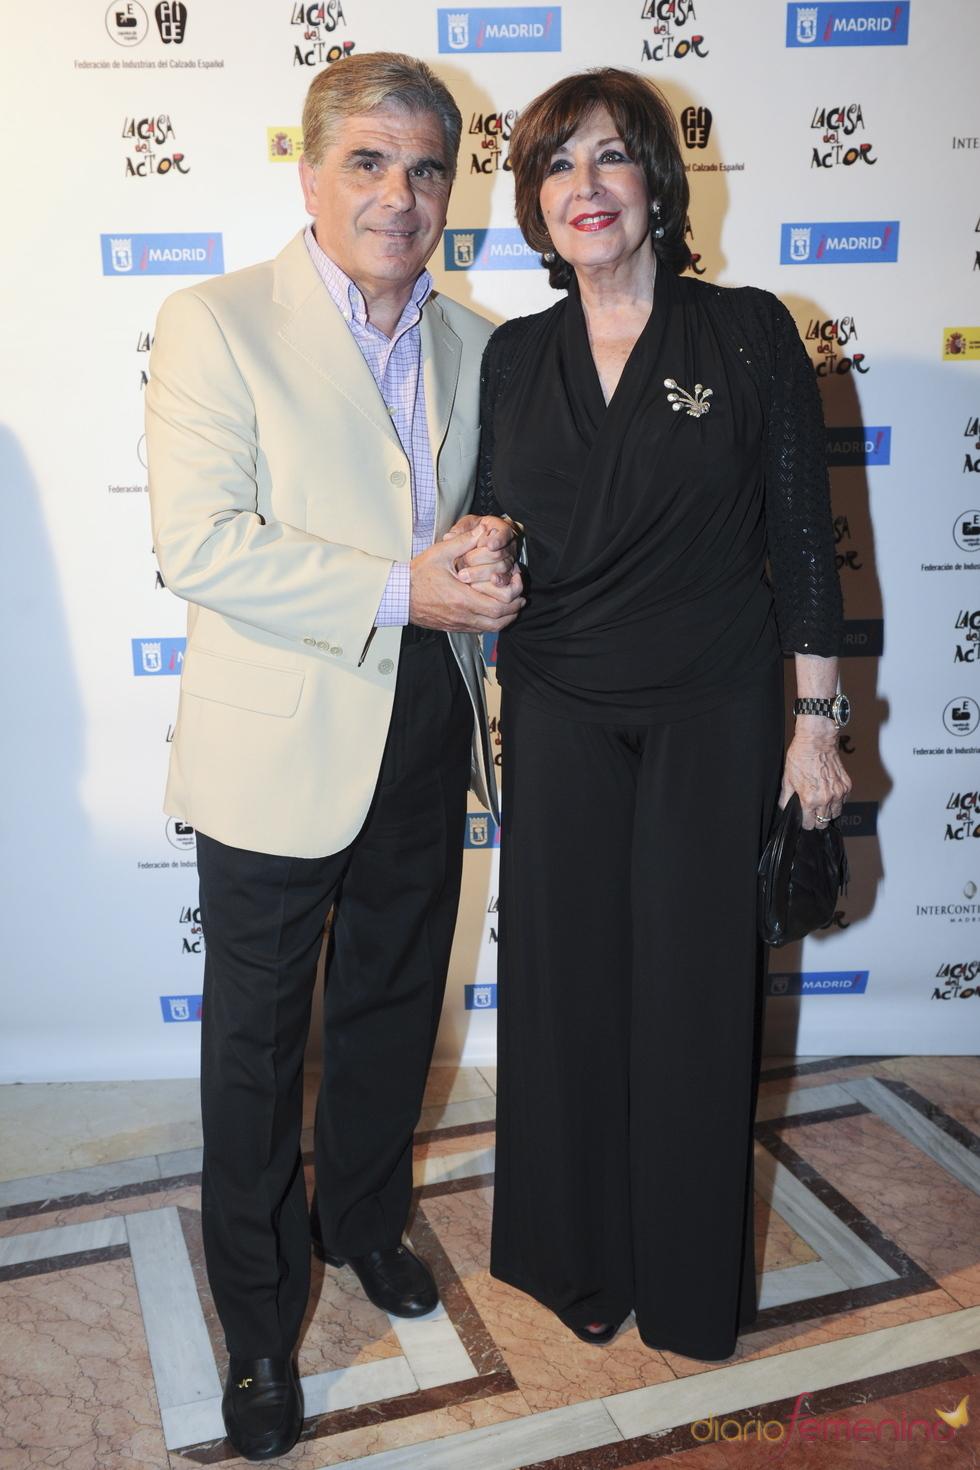 Pedro Ruiz y Concha Velasco durante los Premios de la Fundación Casa del Actor 2011